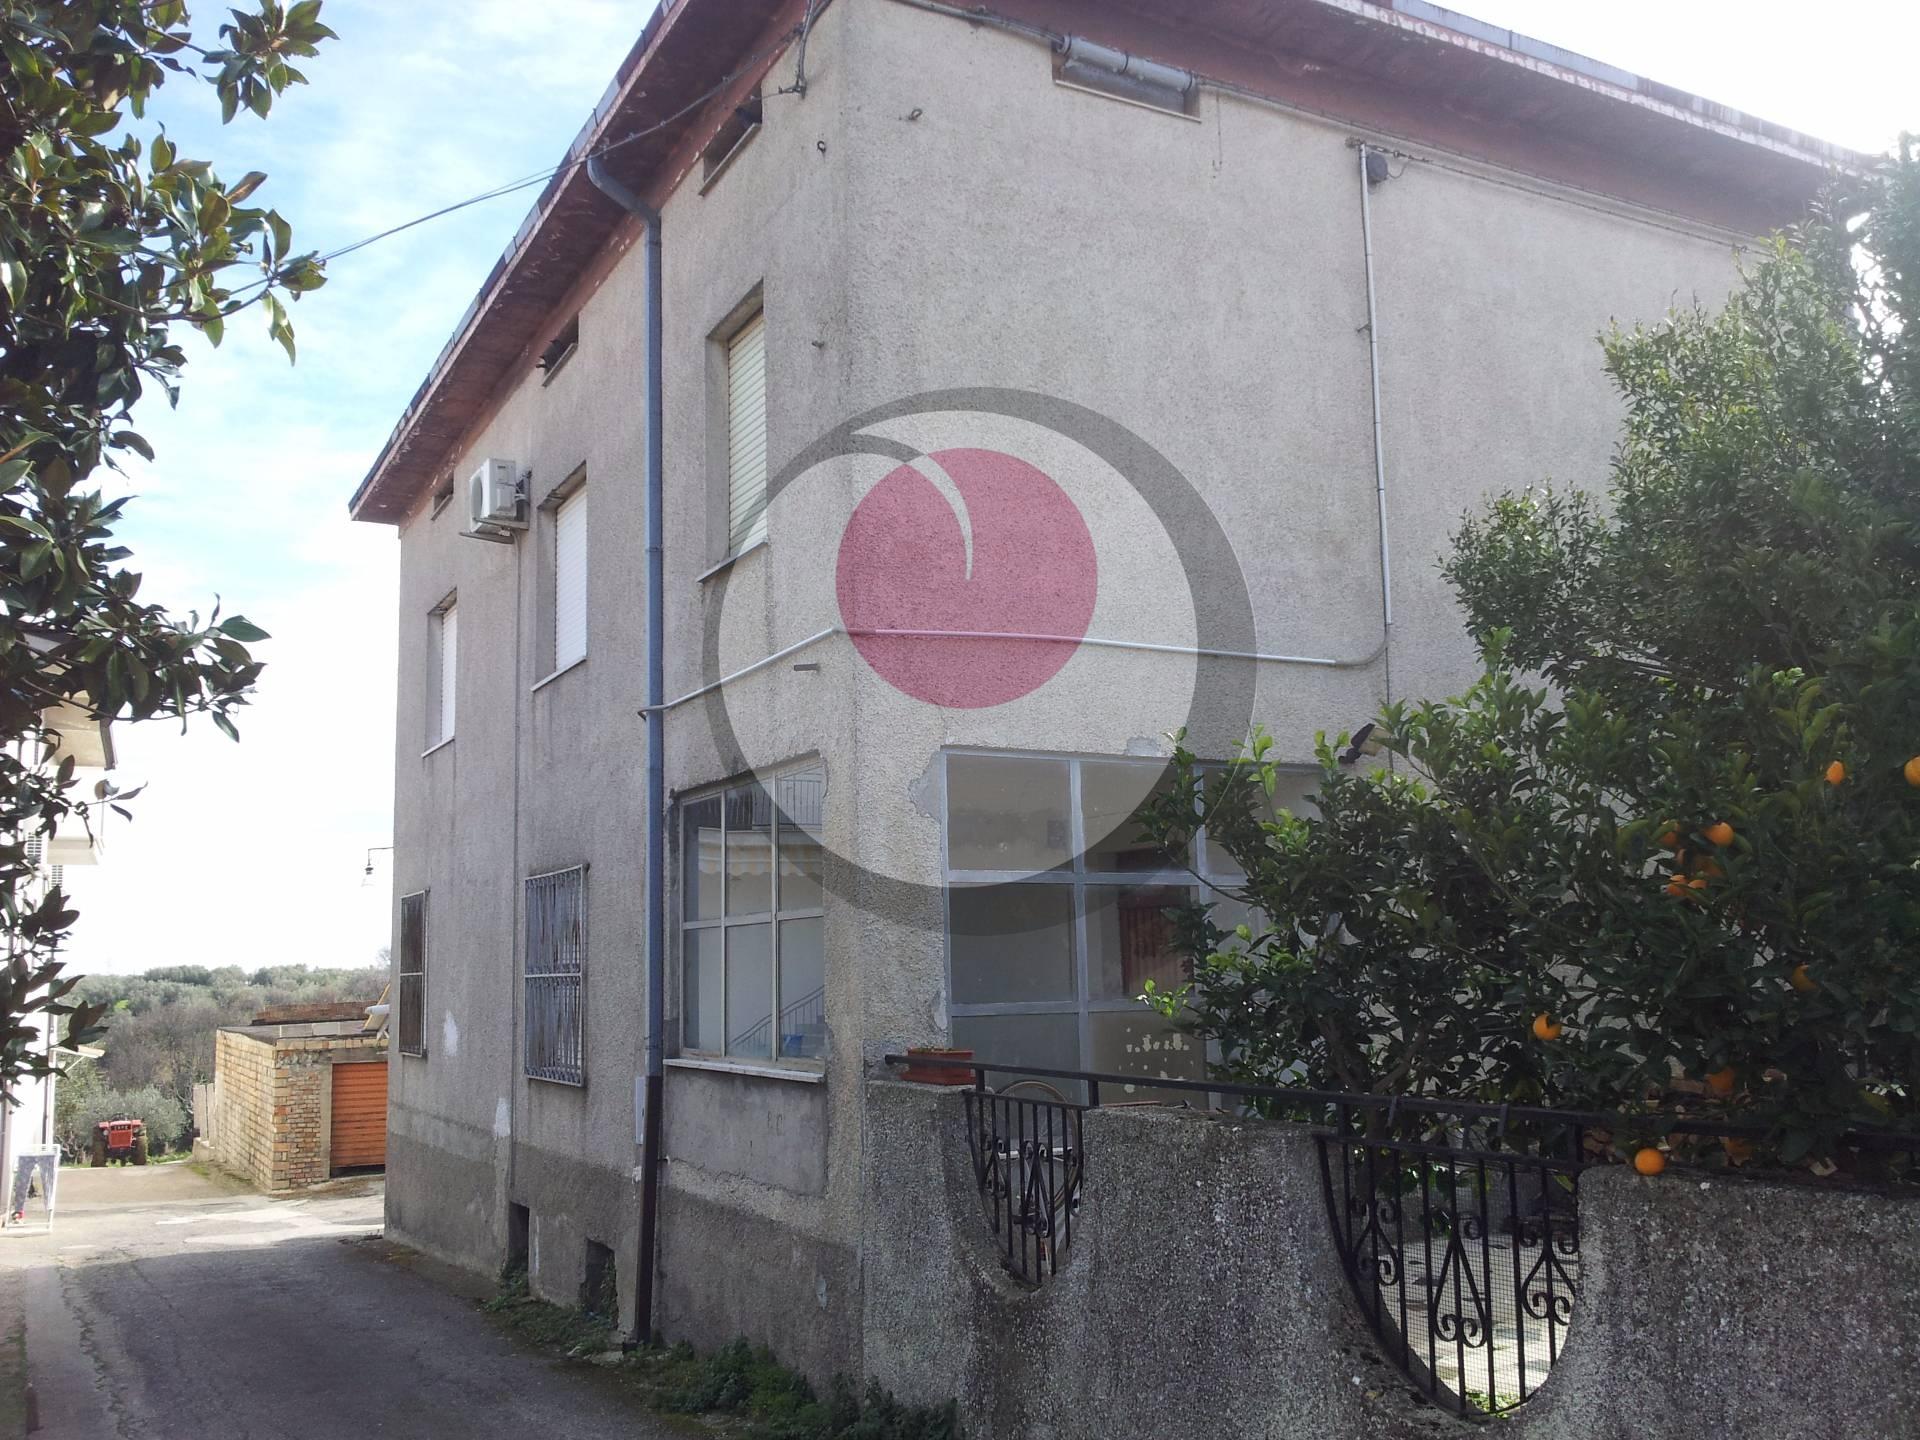 Soluzione Indipendente in vendita a Fossacesia, 9 locali, prezzo € 125.000 | Cambio Casa.it